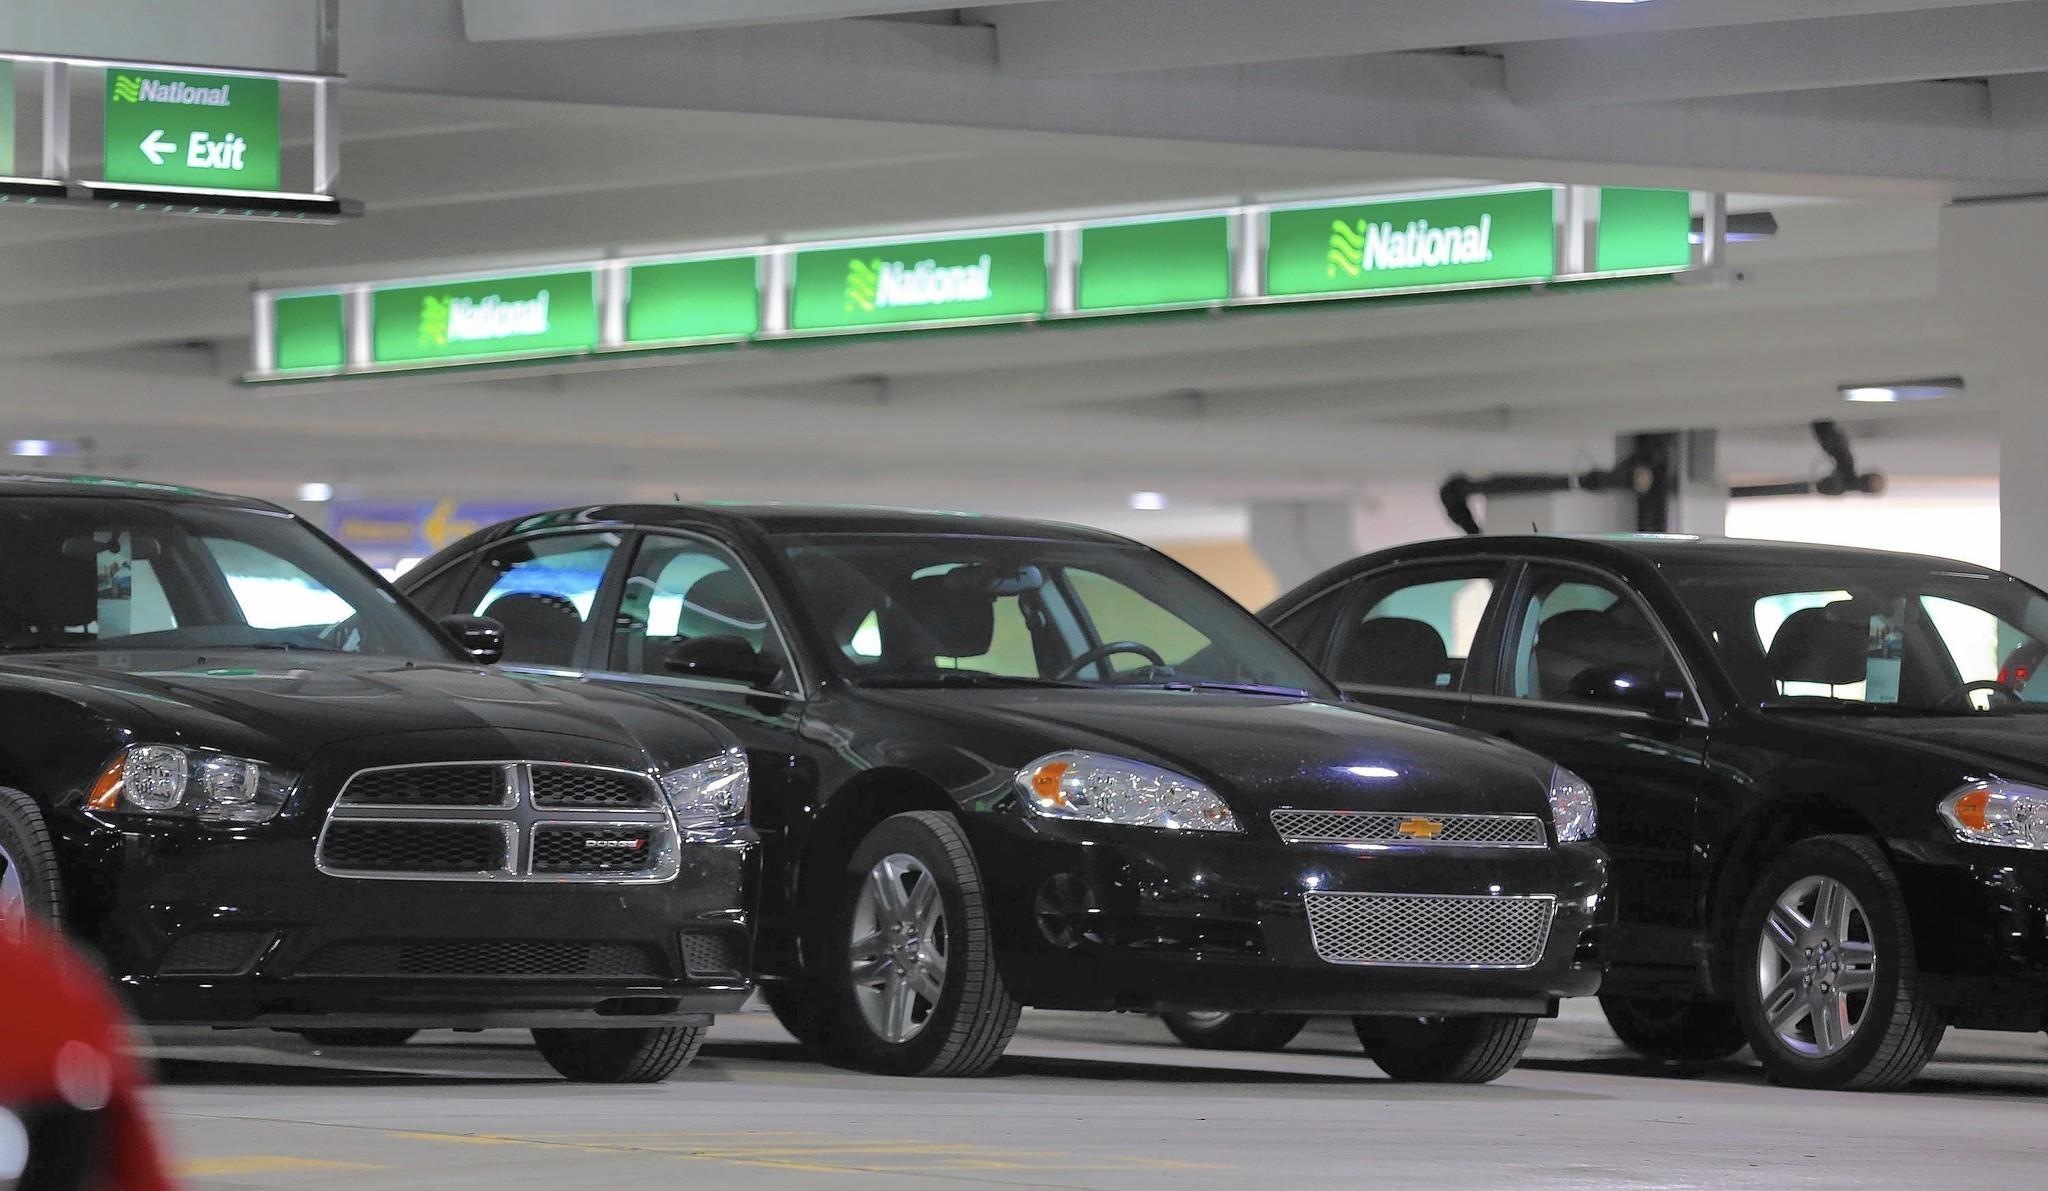 Alamo Car Rental Near Midway Airport